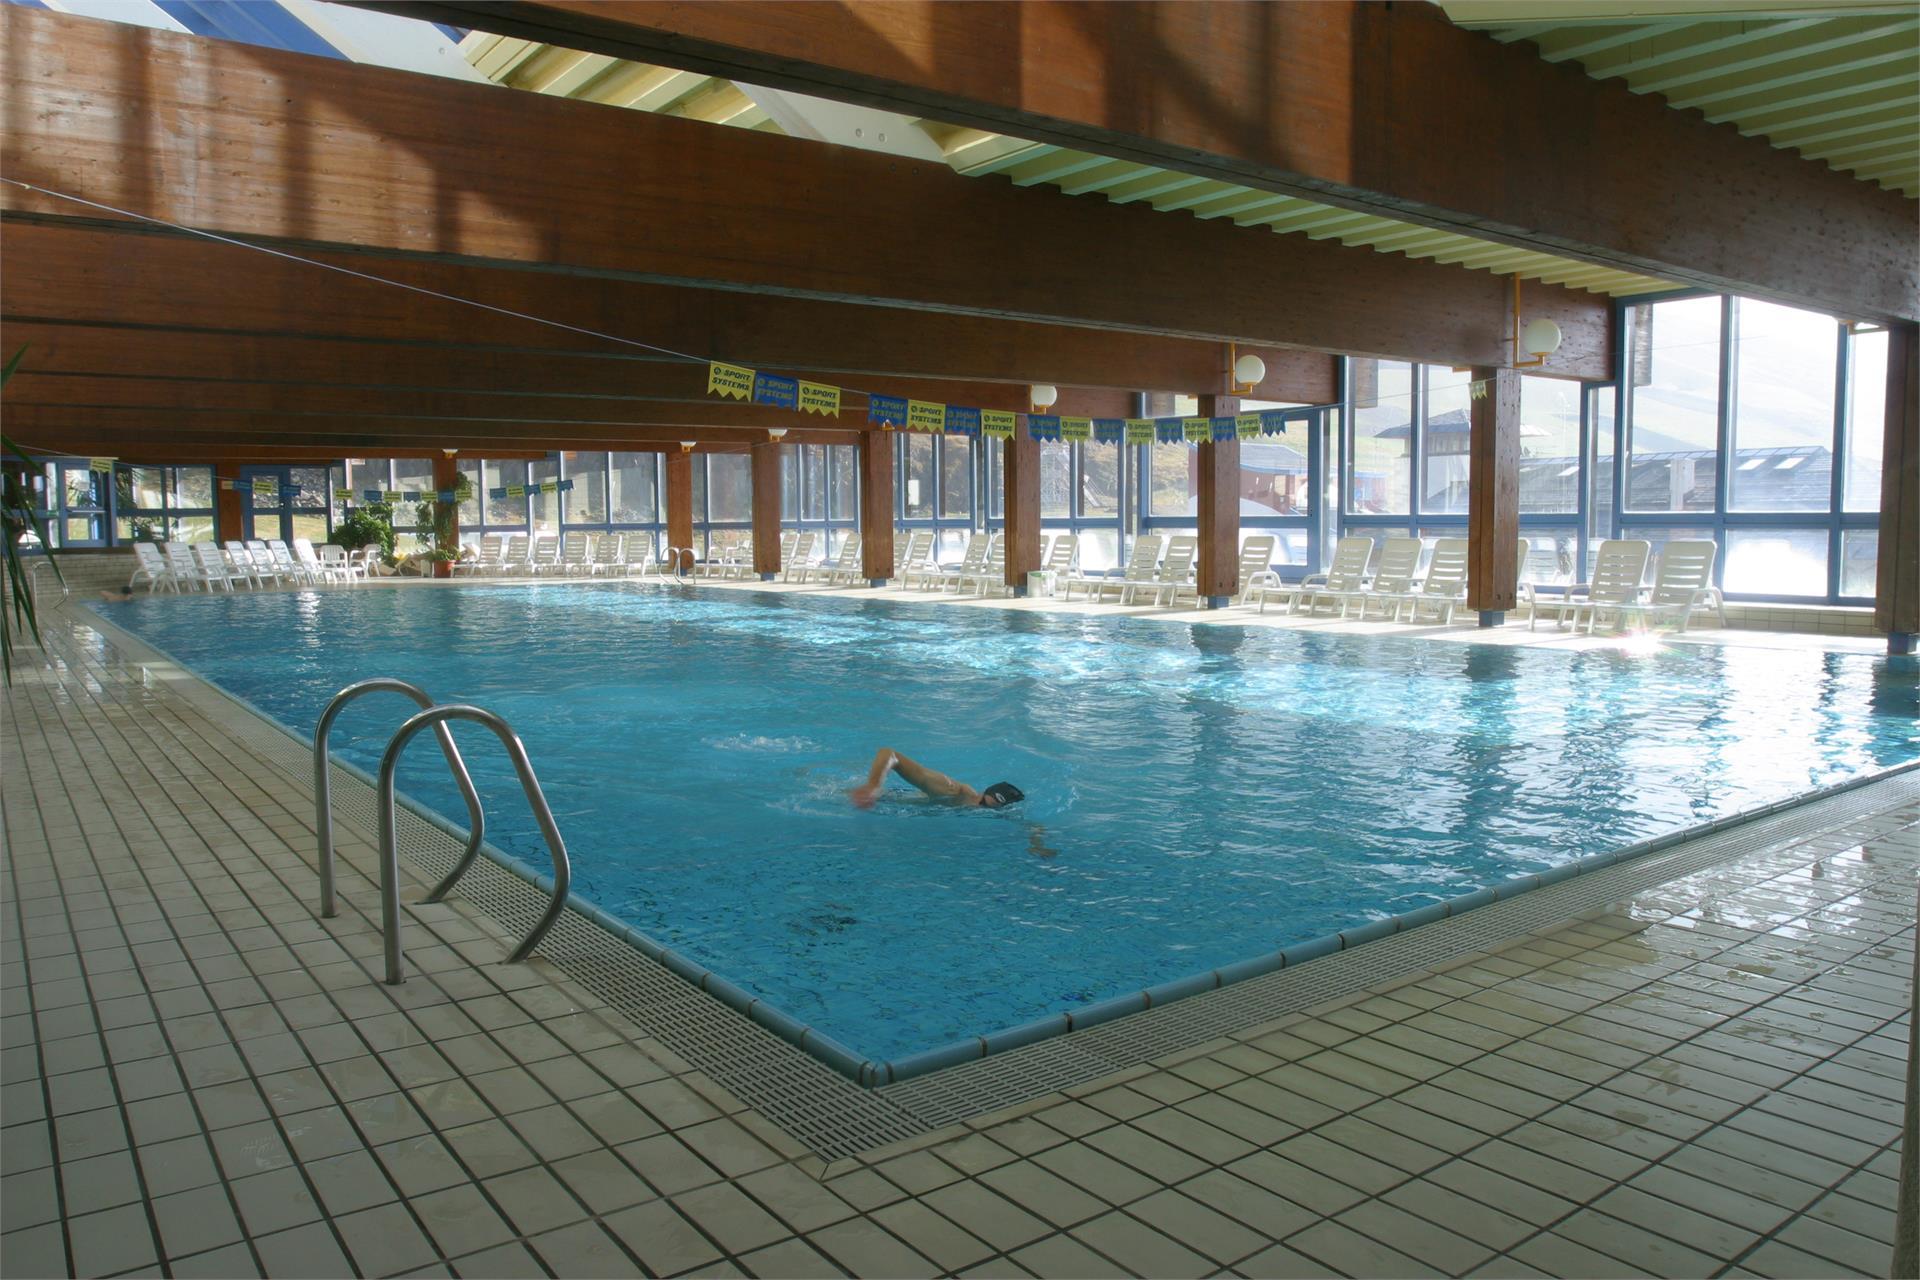 Public Indoor Swimming Pool